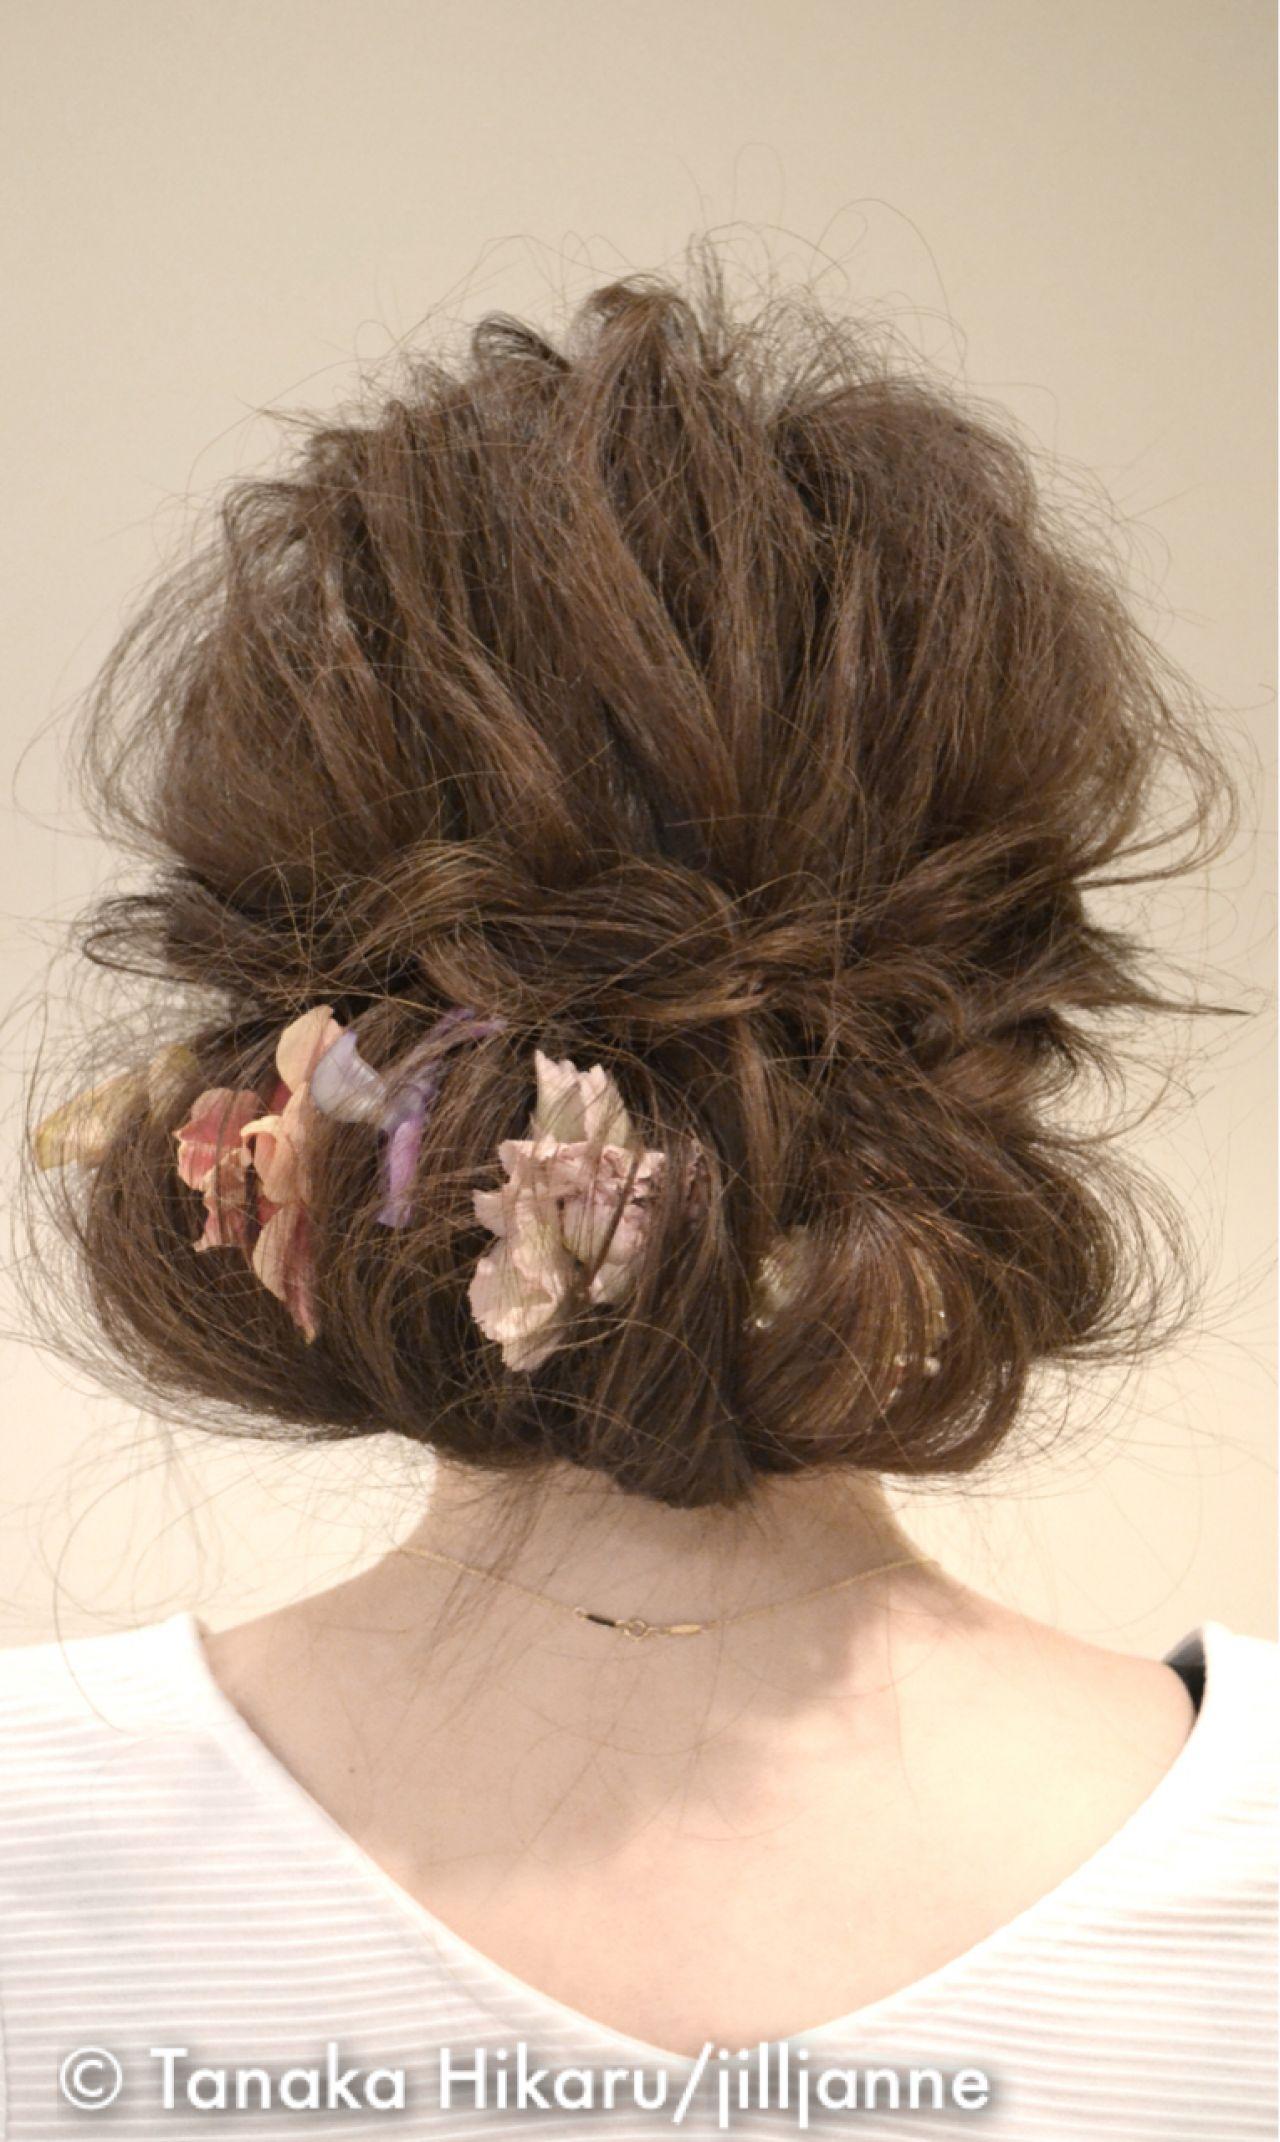 ロング アップスタイル 結婚式 ストリート ヘアスタイルや髪型の写真・画像 | Tanaka Hikaru/jilljanne / jilljanne 《ジル・ジェニー》